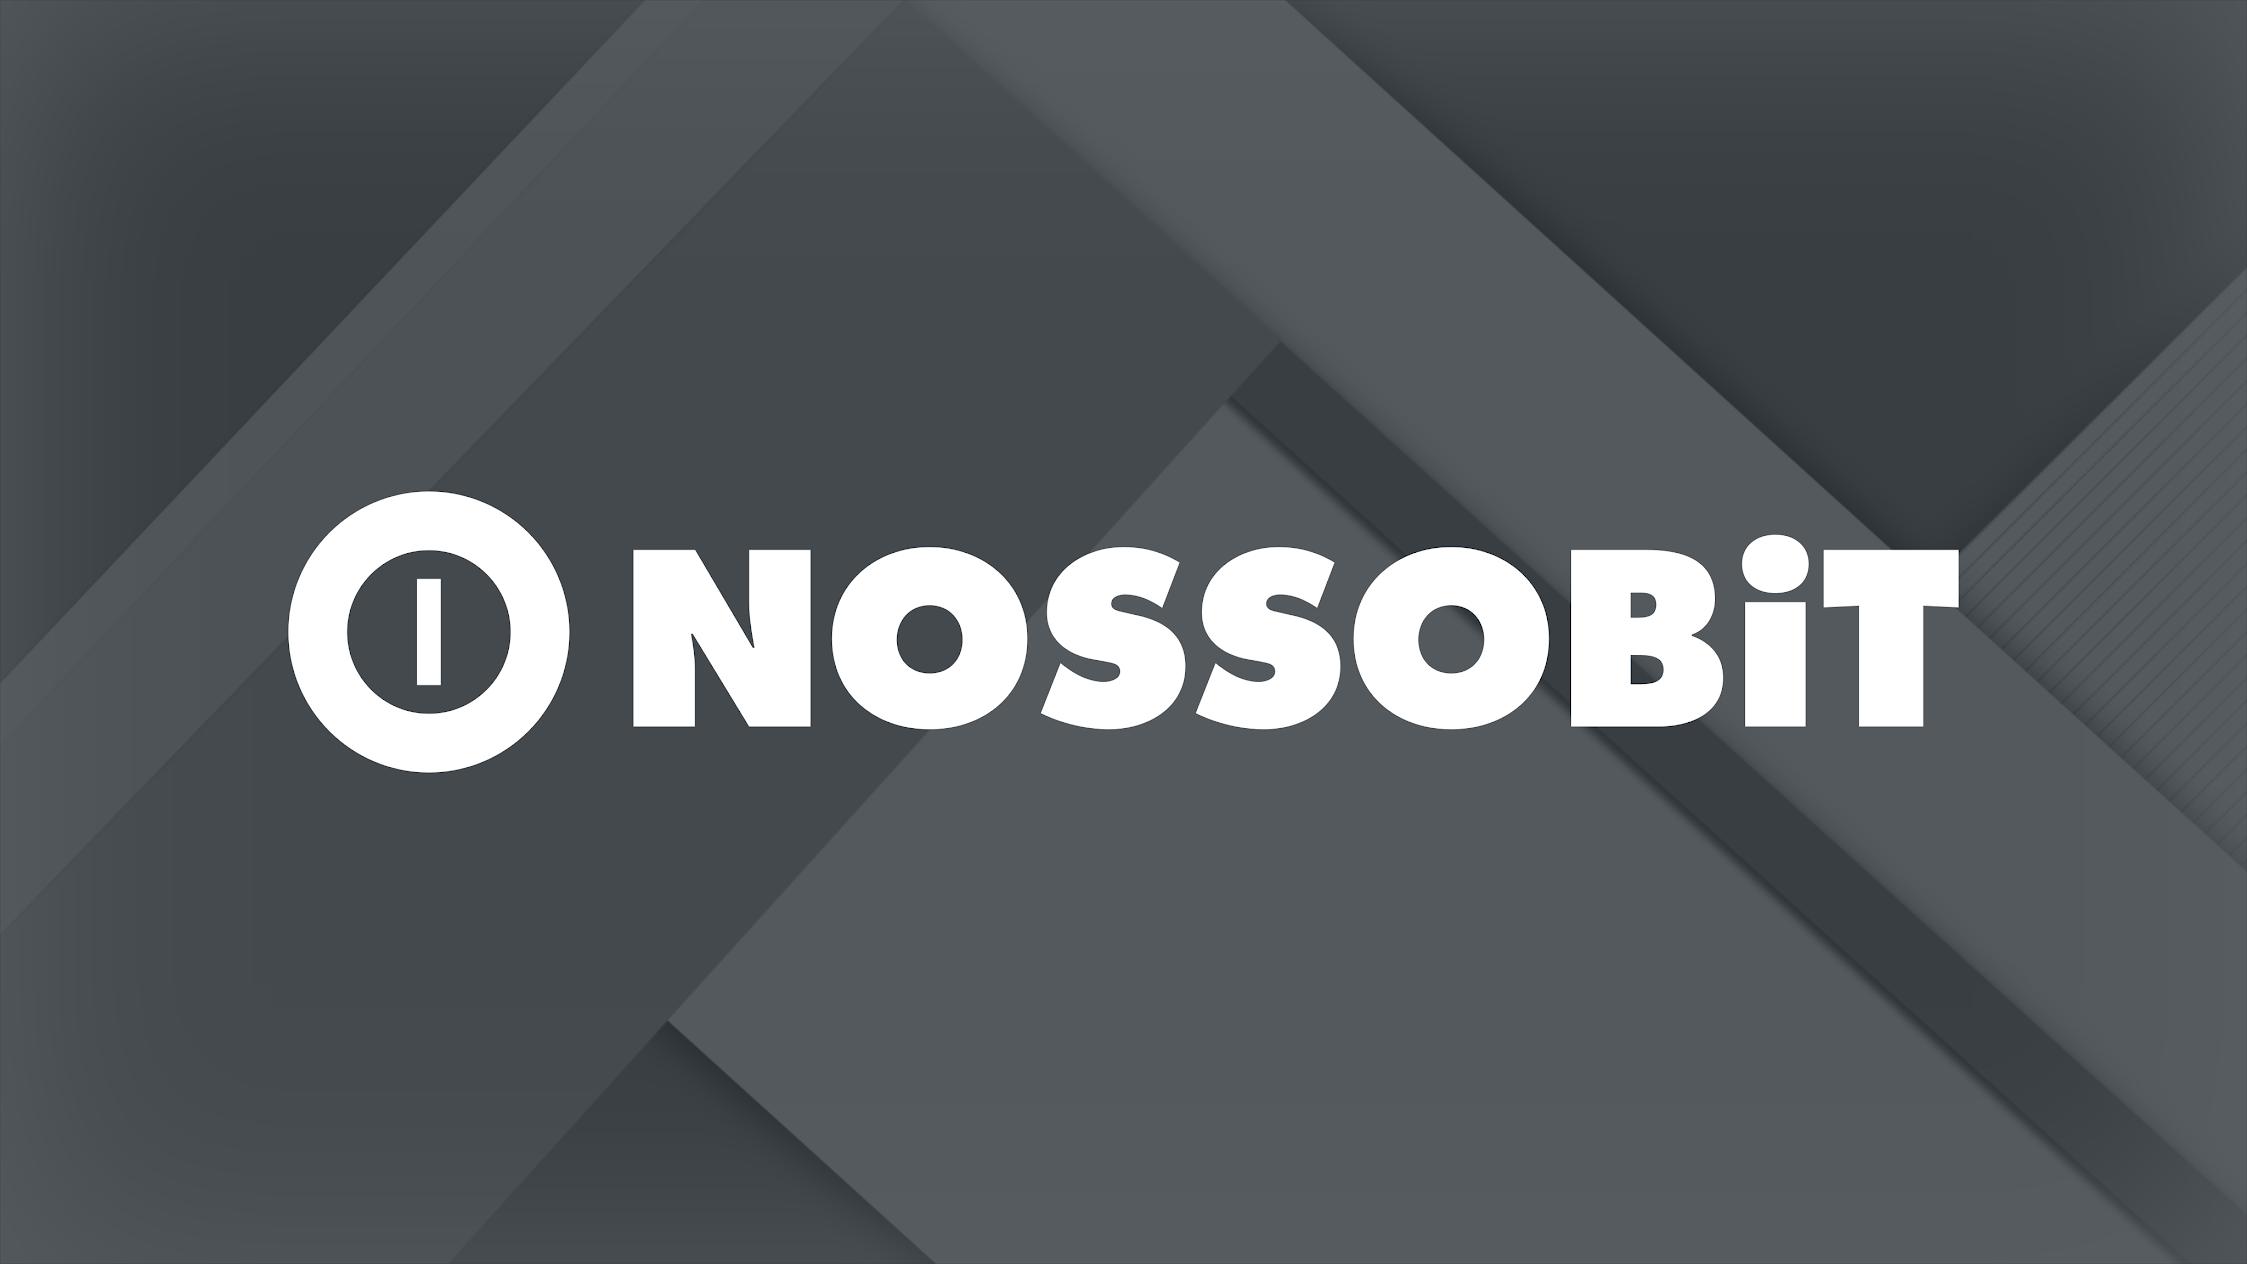 Nossobit